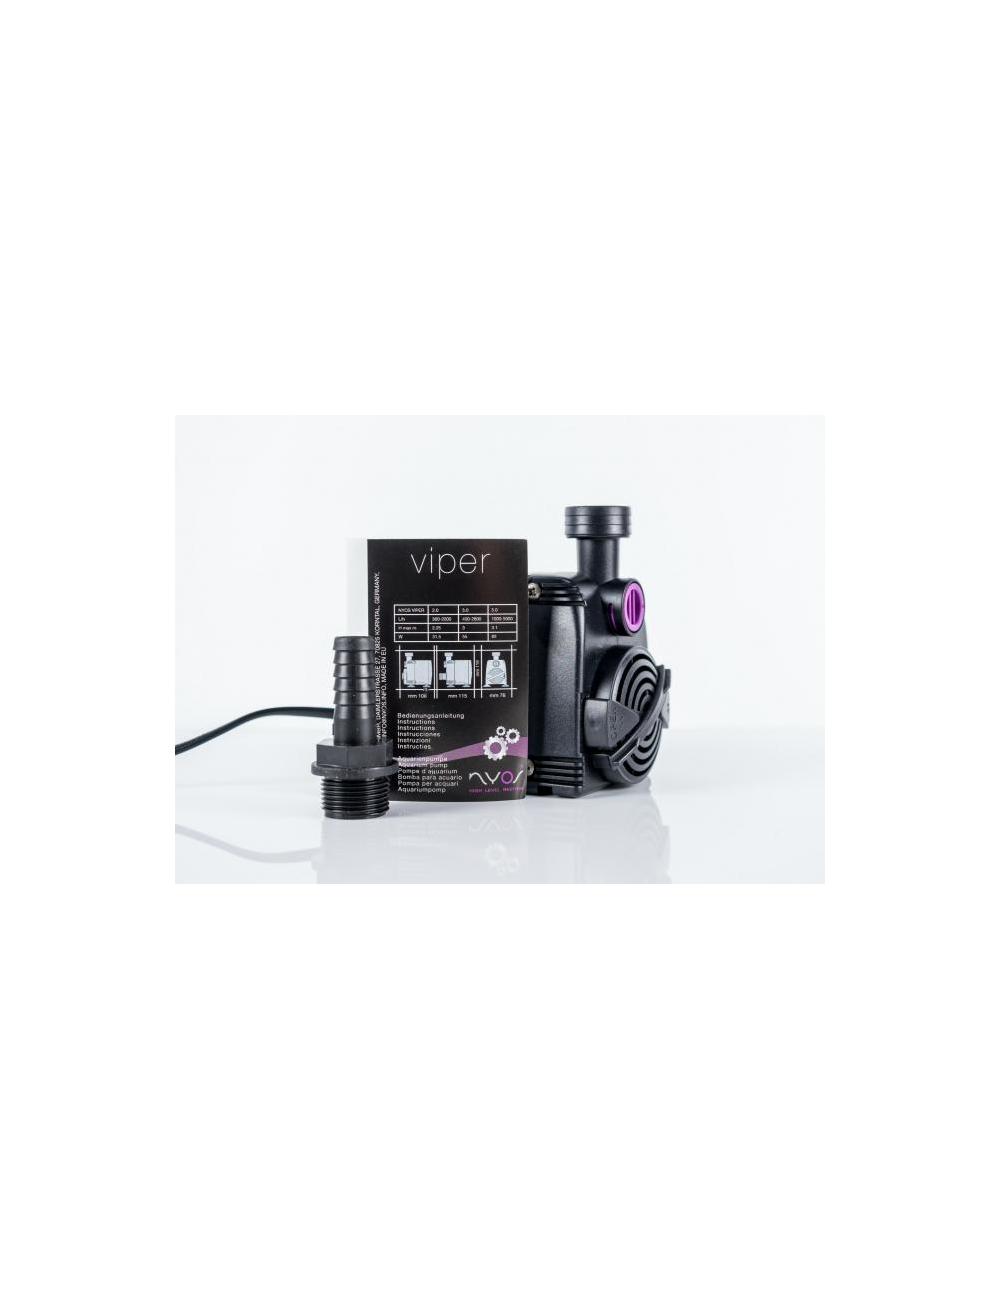 NYOS - Viper 5.0 - Pompe de remontée 5000 l/h